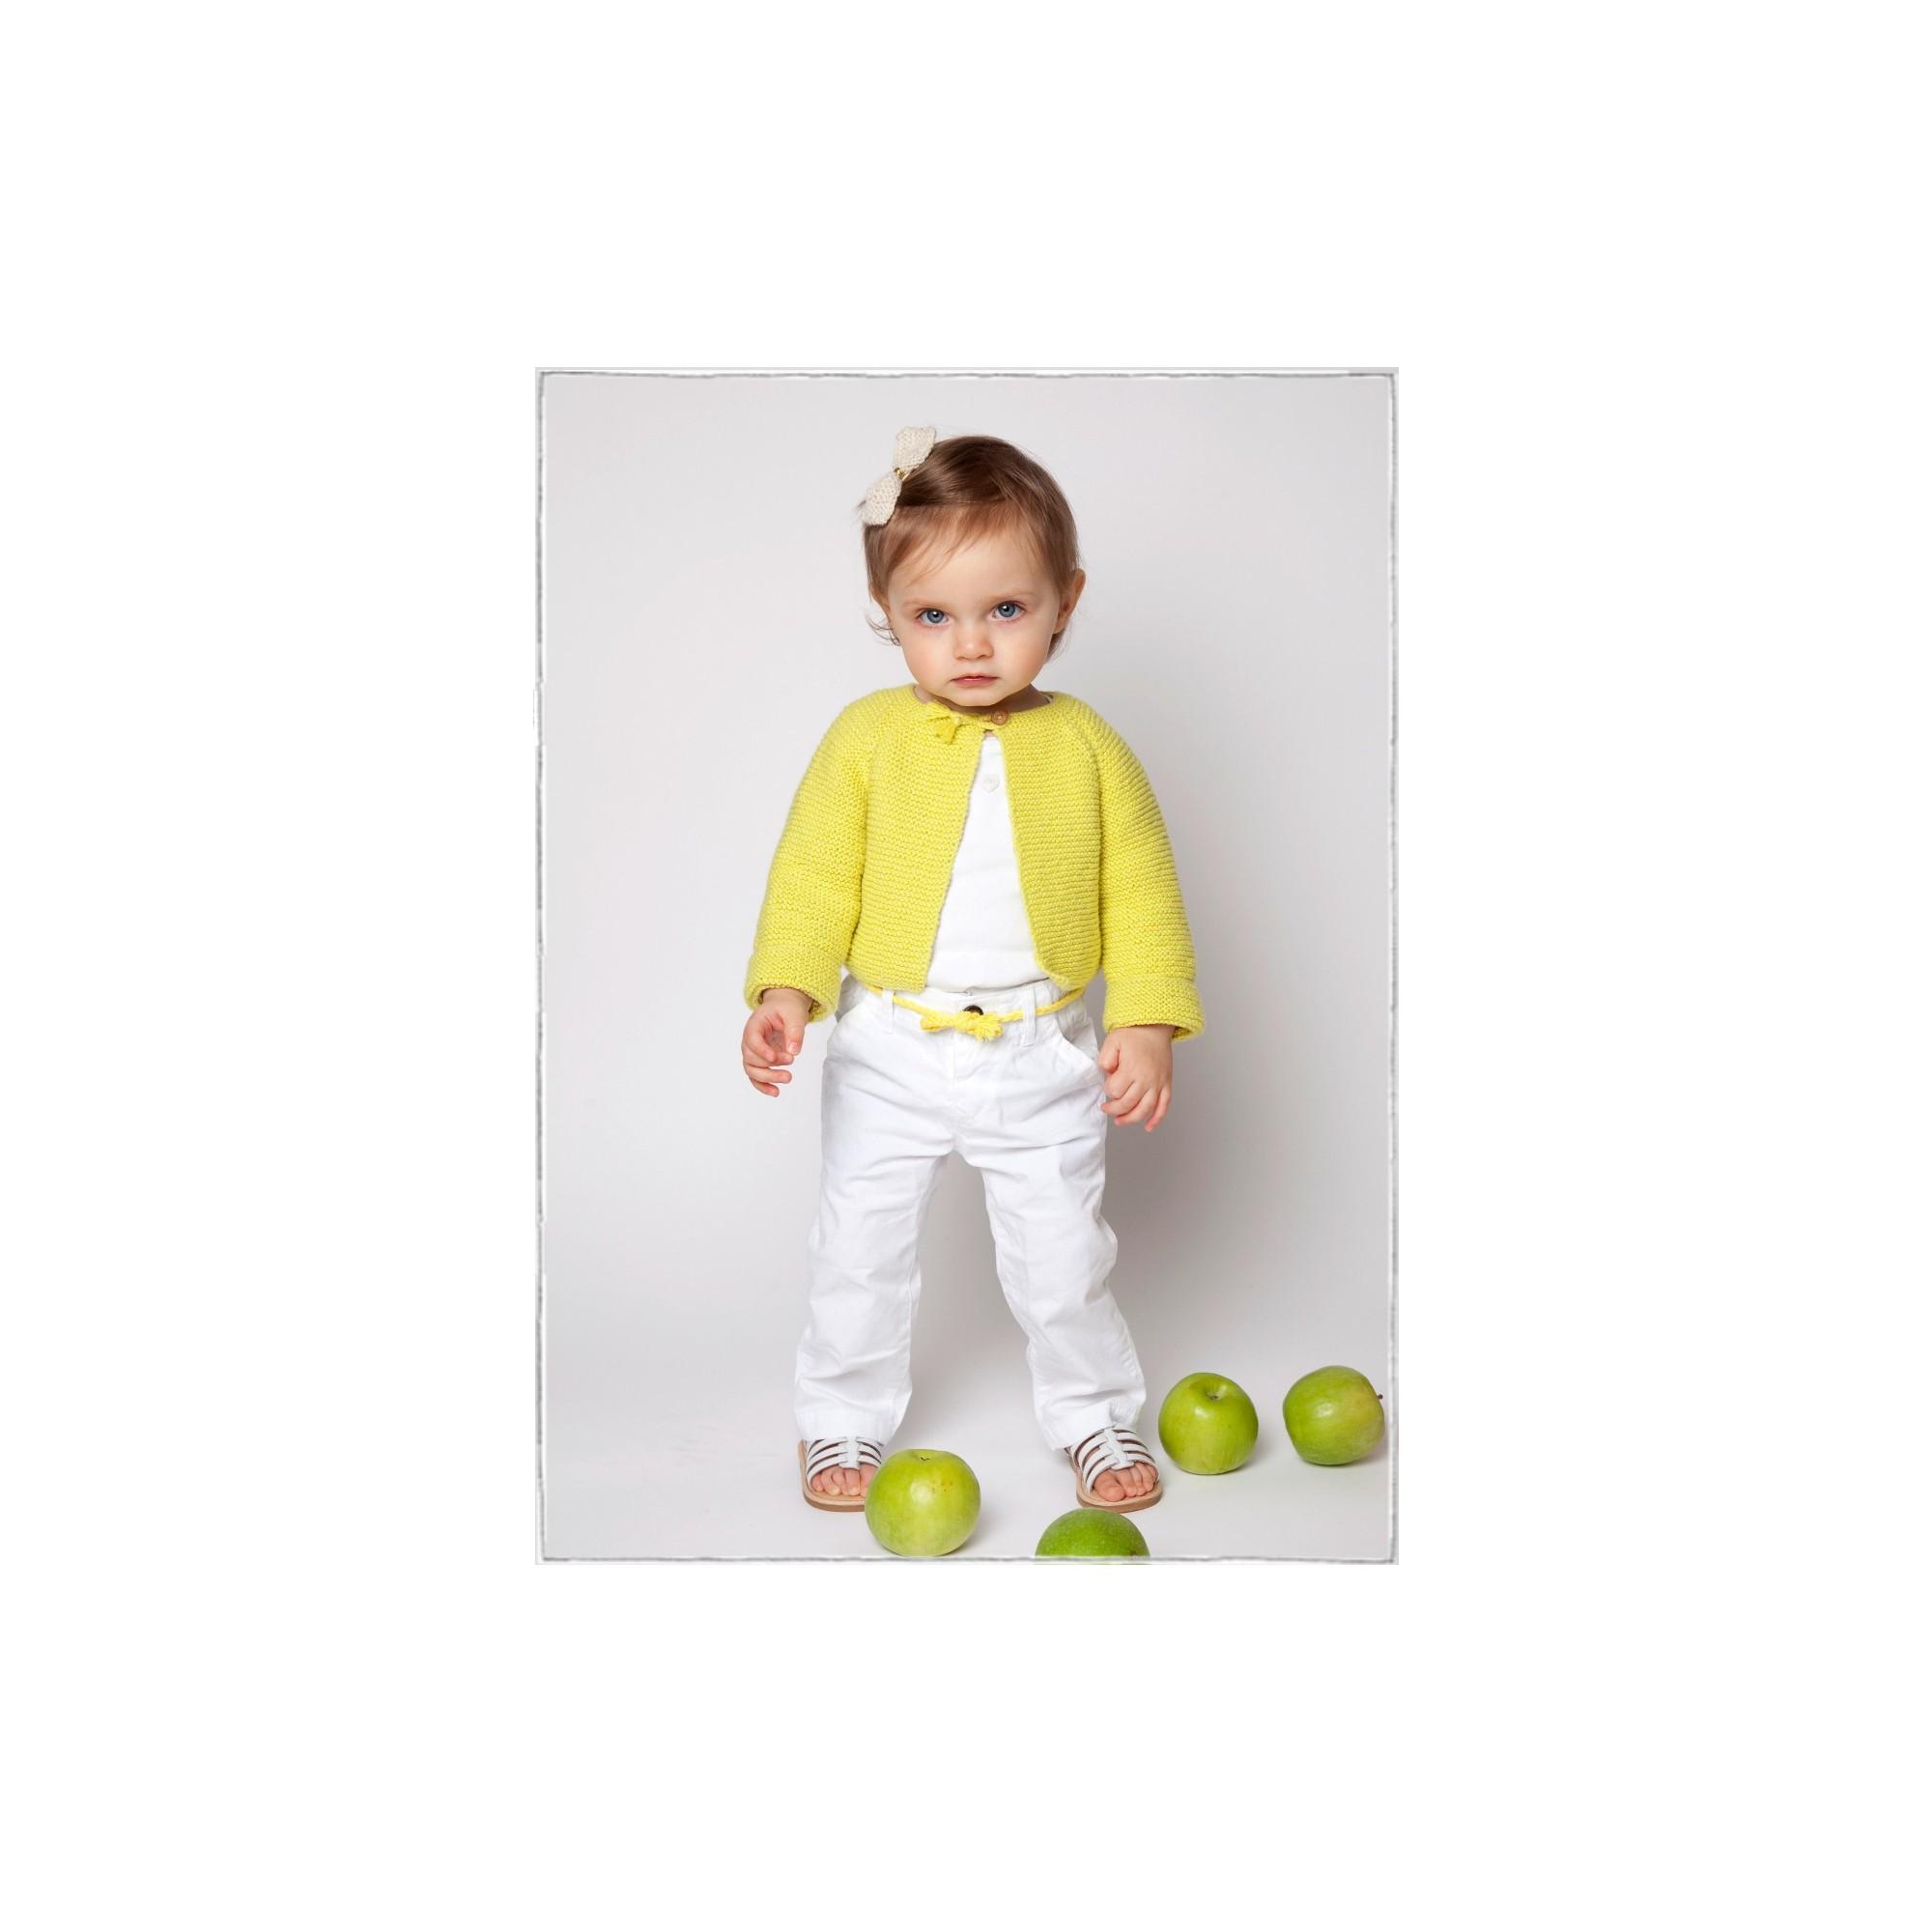 Arlette cardigan worn (lime color)